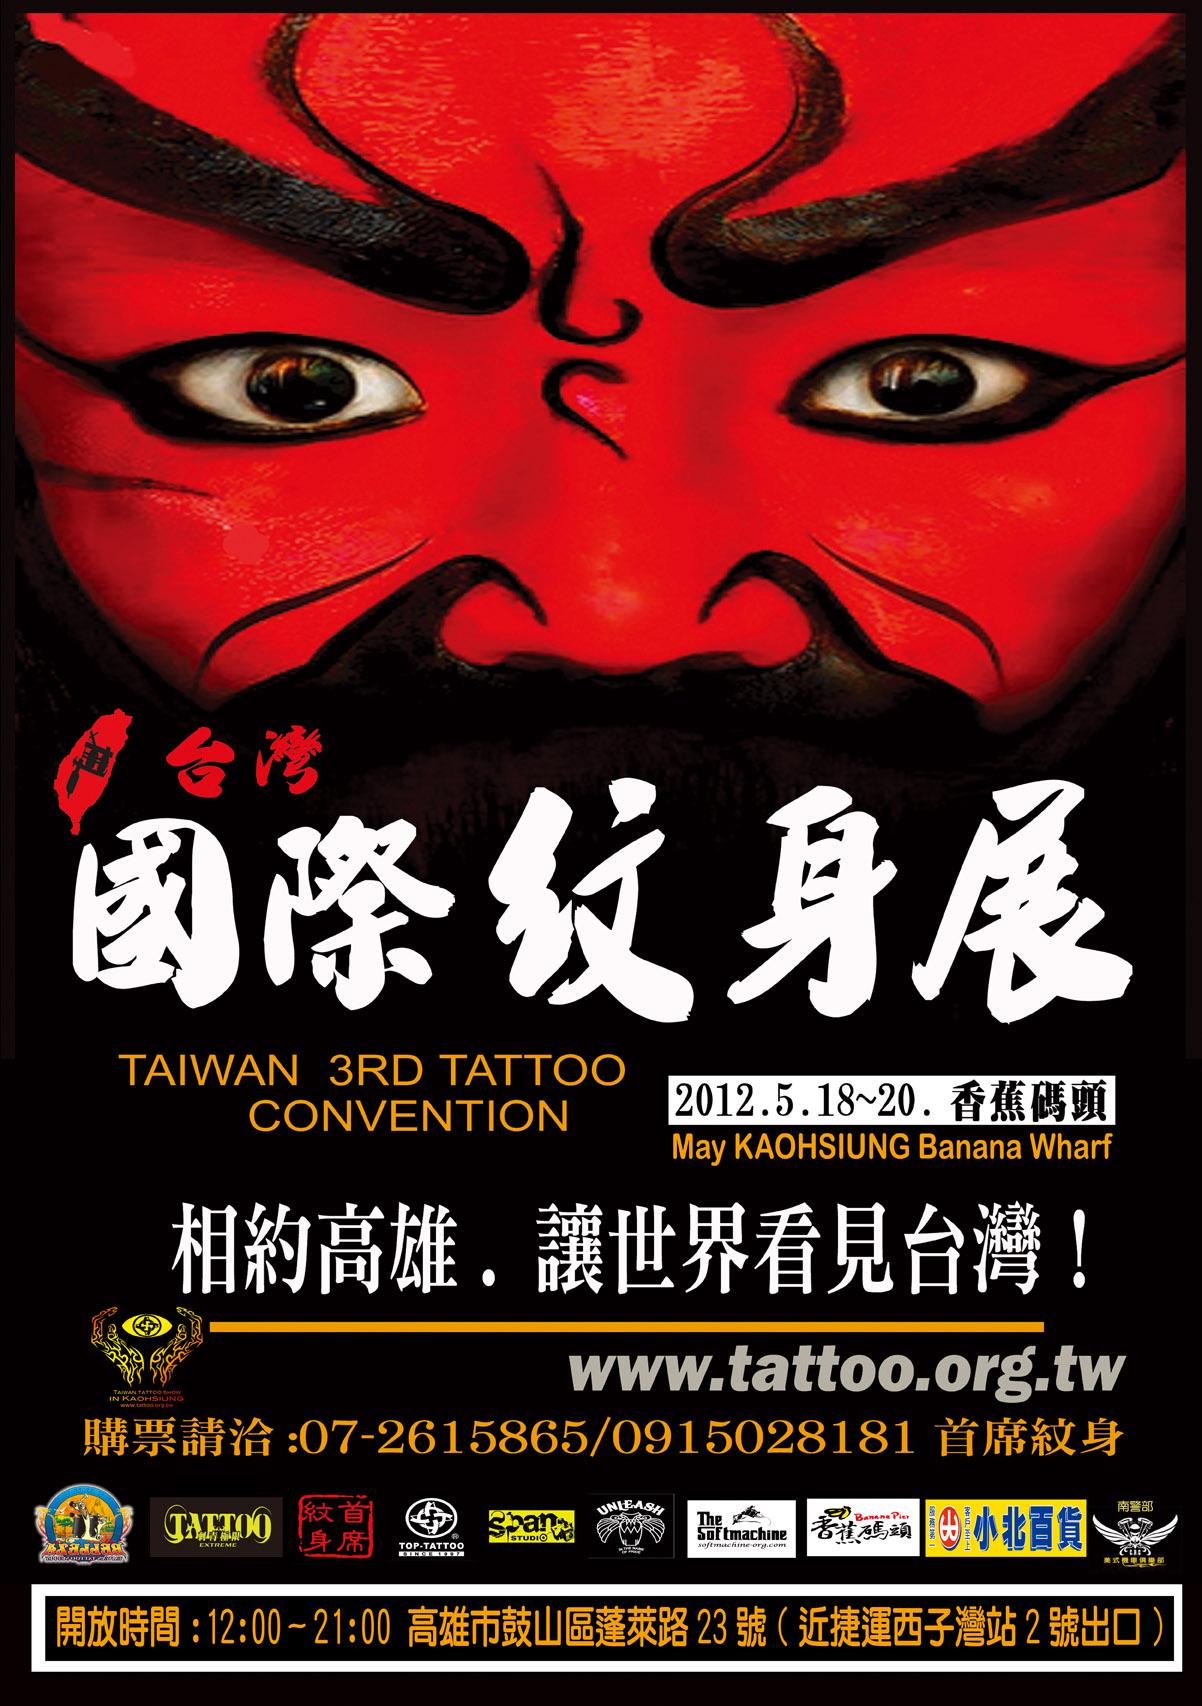 2016六和彩75期曾道人2016台湾国际纹身艺术展| Citytalk城市通2016曾沛慈拍什么新戏